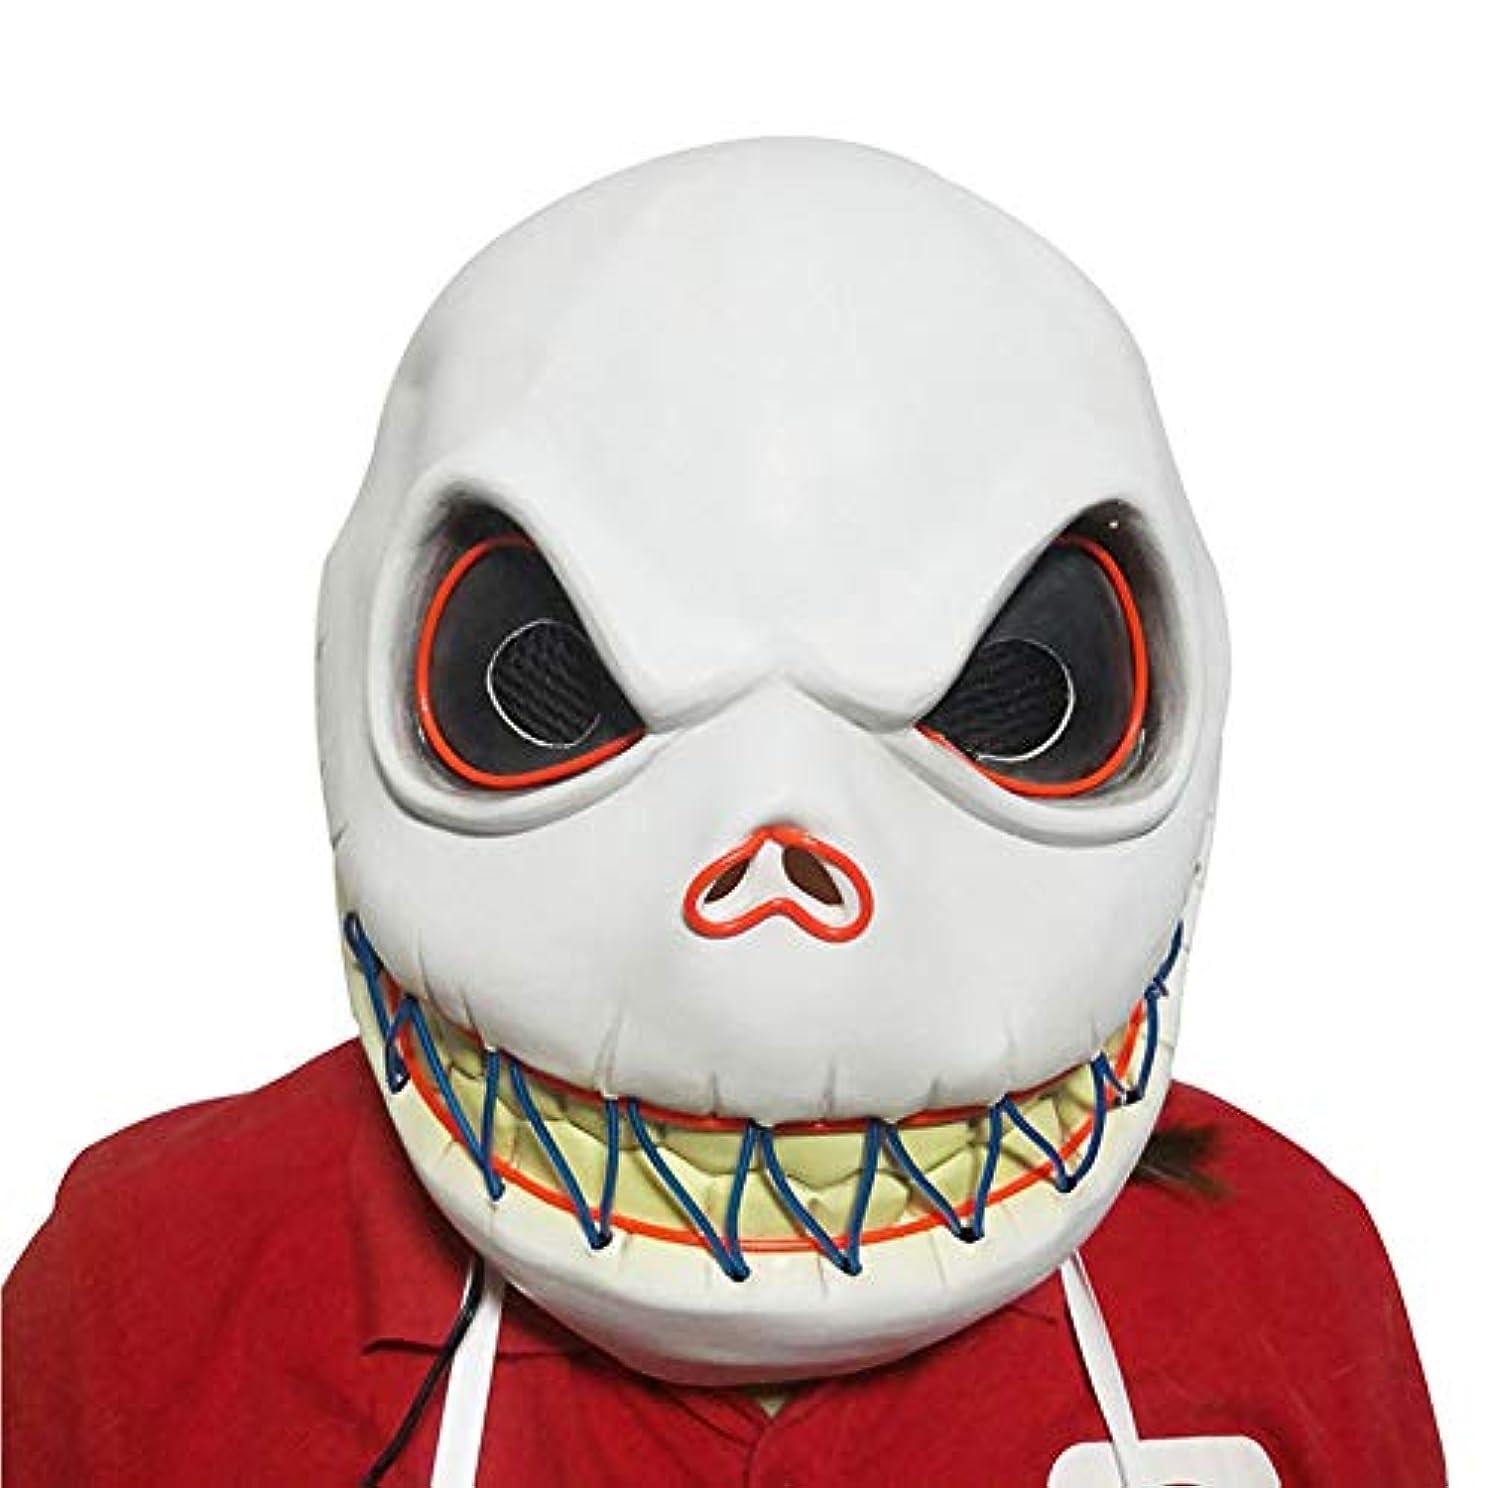 切り刻むブラインドトレッドハロウィーンマスク、顔をしかめるラテックスマスク、ハロウィーン、テーマパーティー、カーニバル、レイブパーティーに適しています。